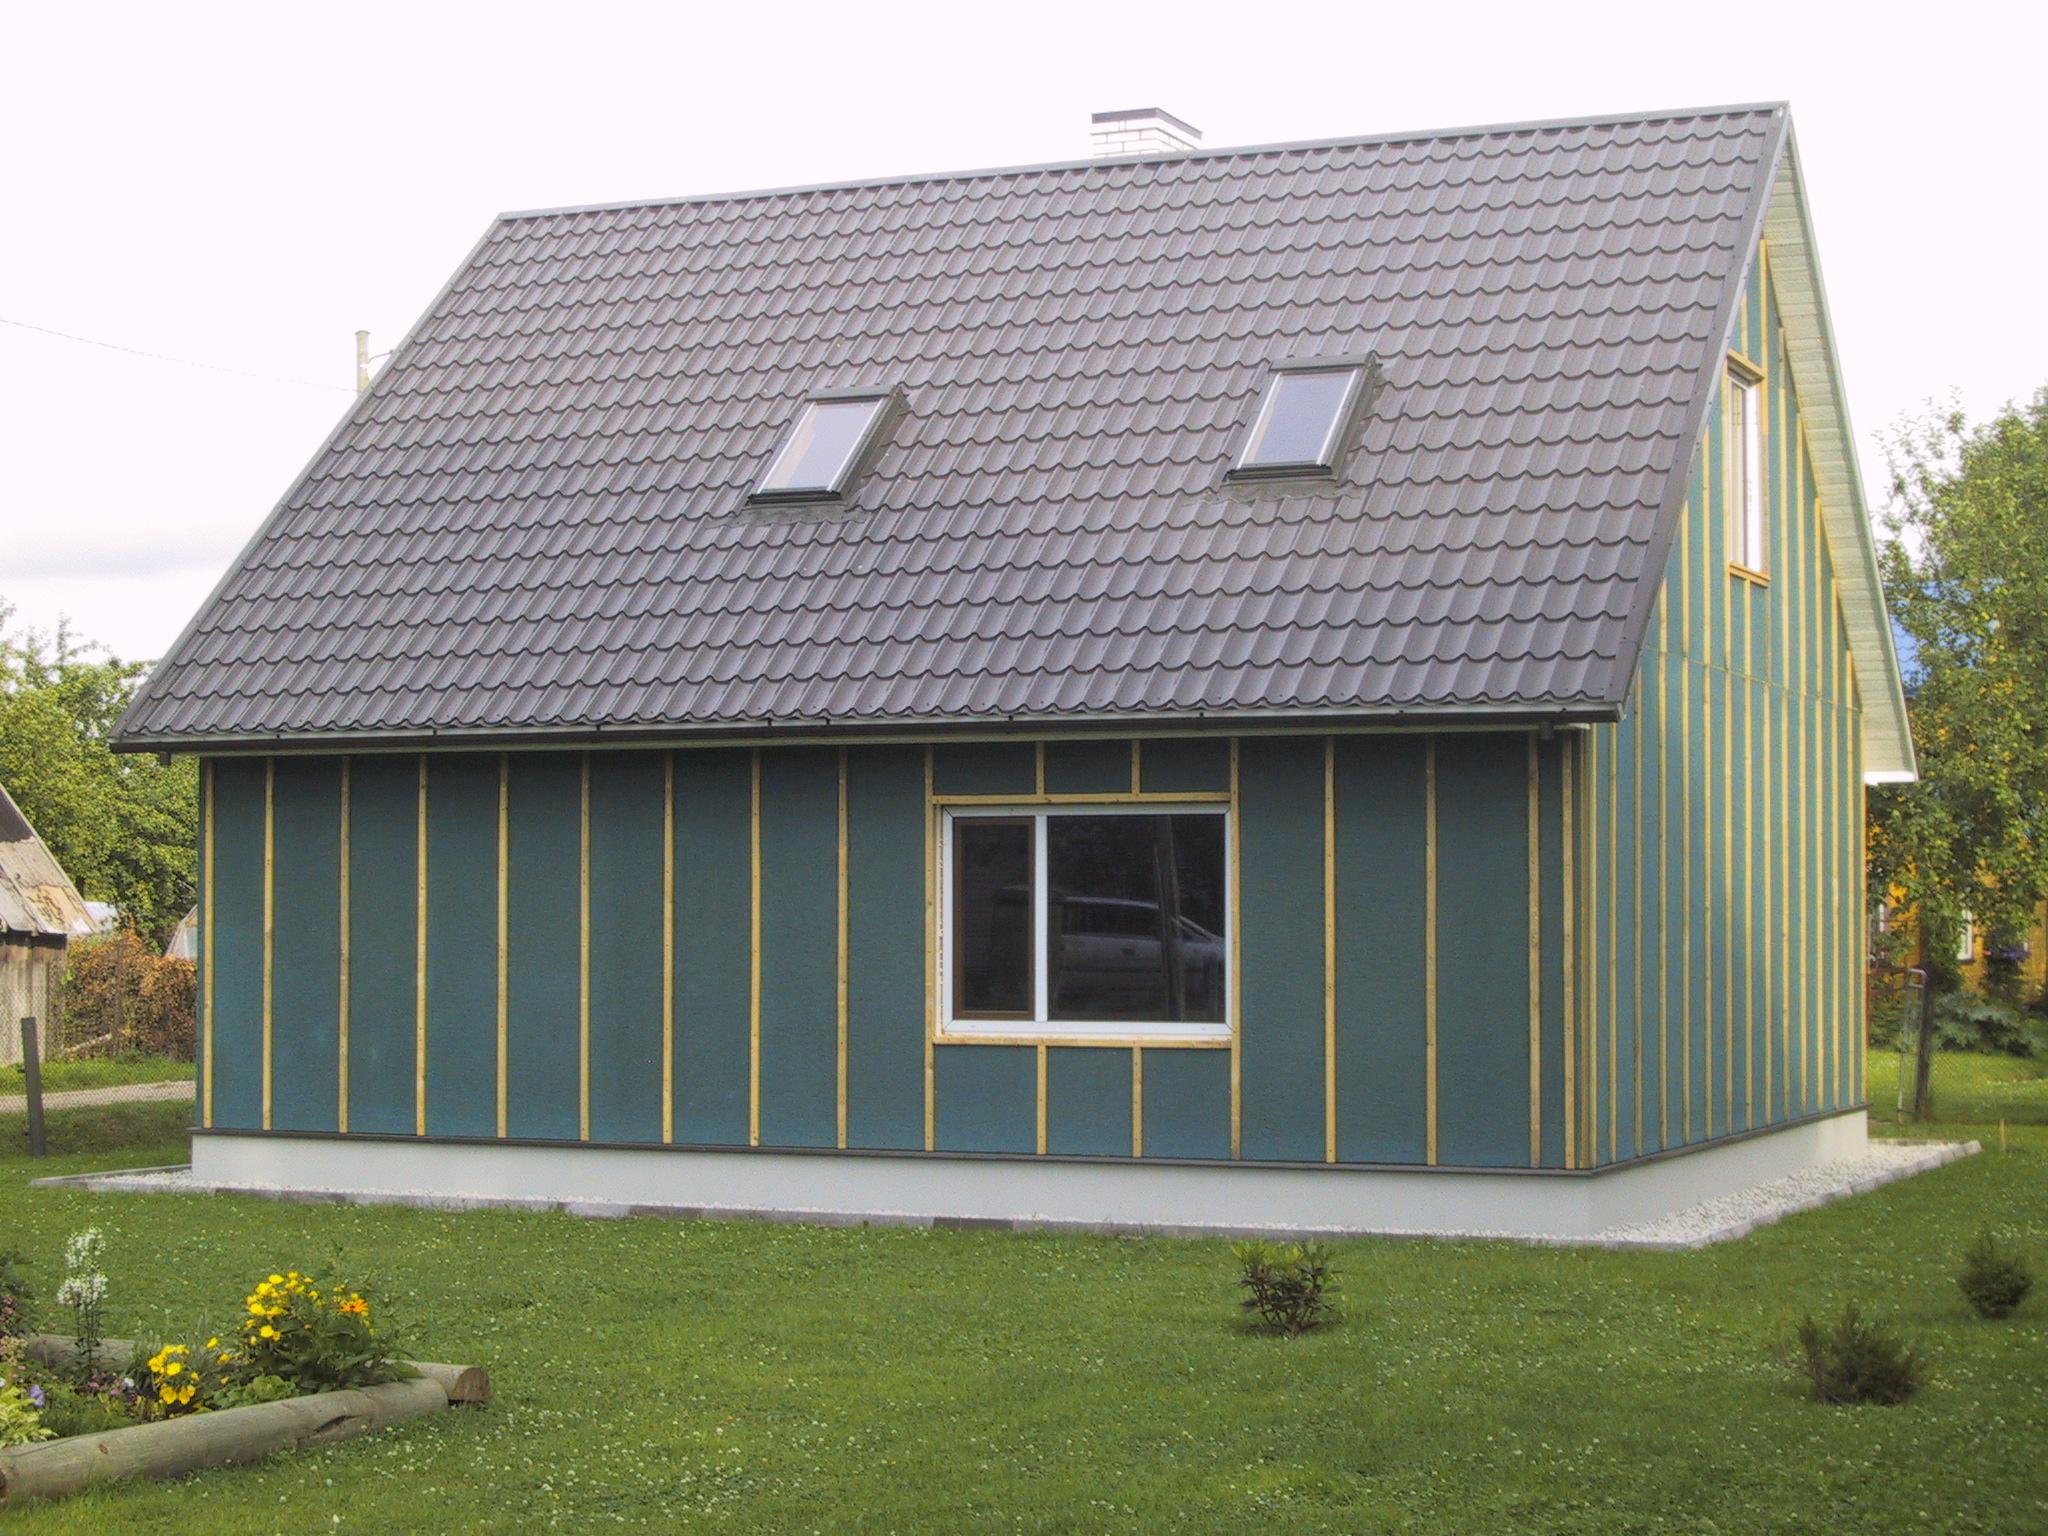 Есть ли необходимость в утеплении деревянного дома?